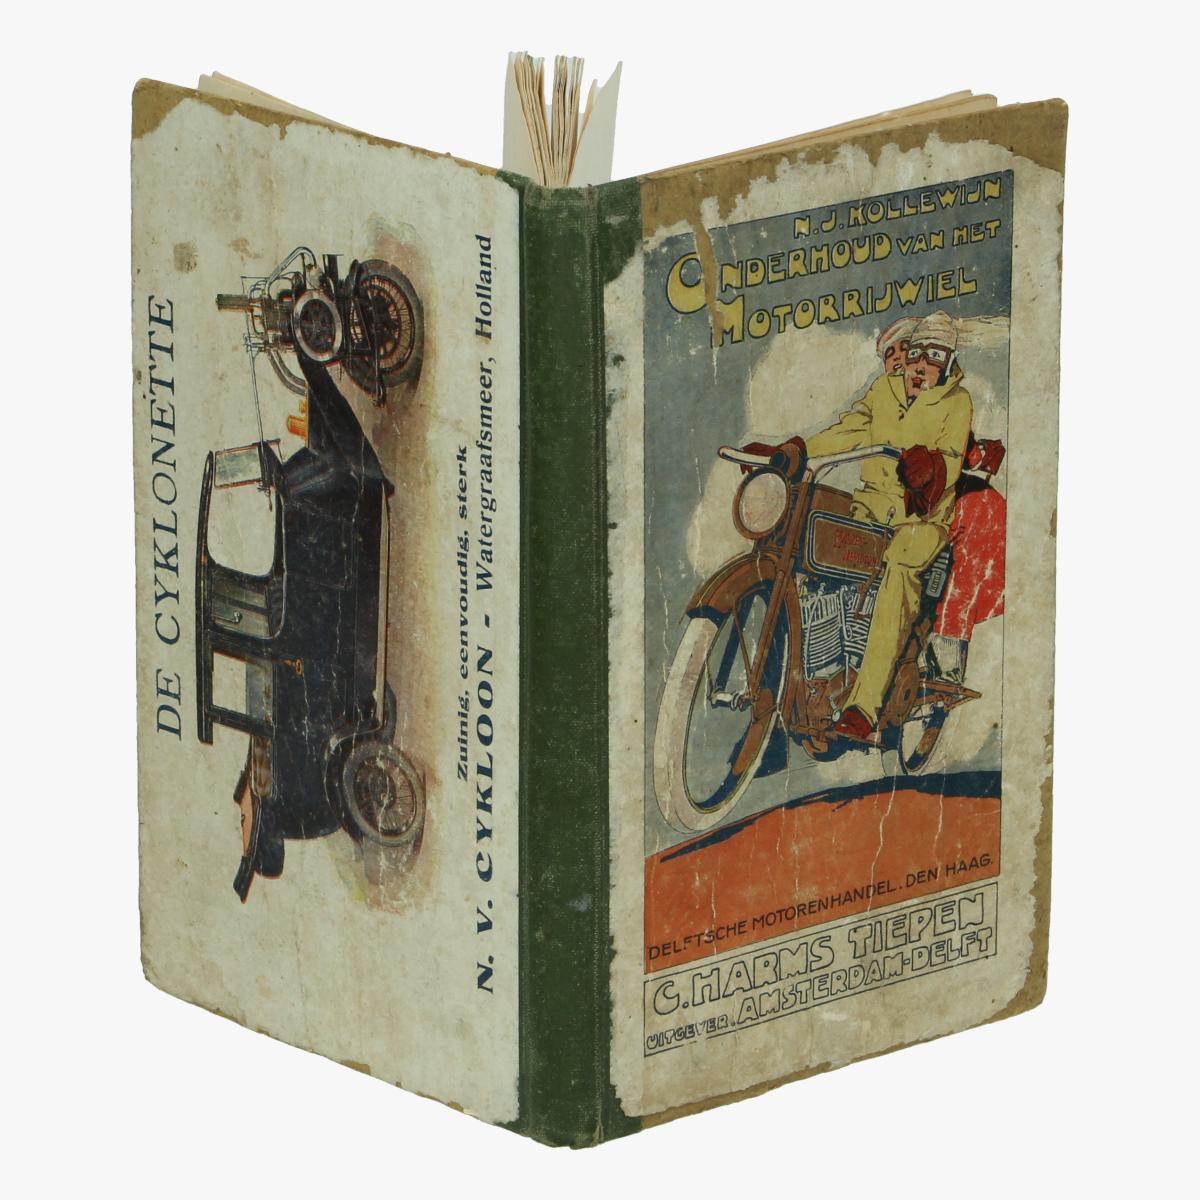 Afbeeldingen van Onderhoud van het Motorrijwiel. Boek. N.J.Kollewijn